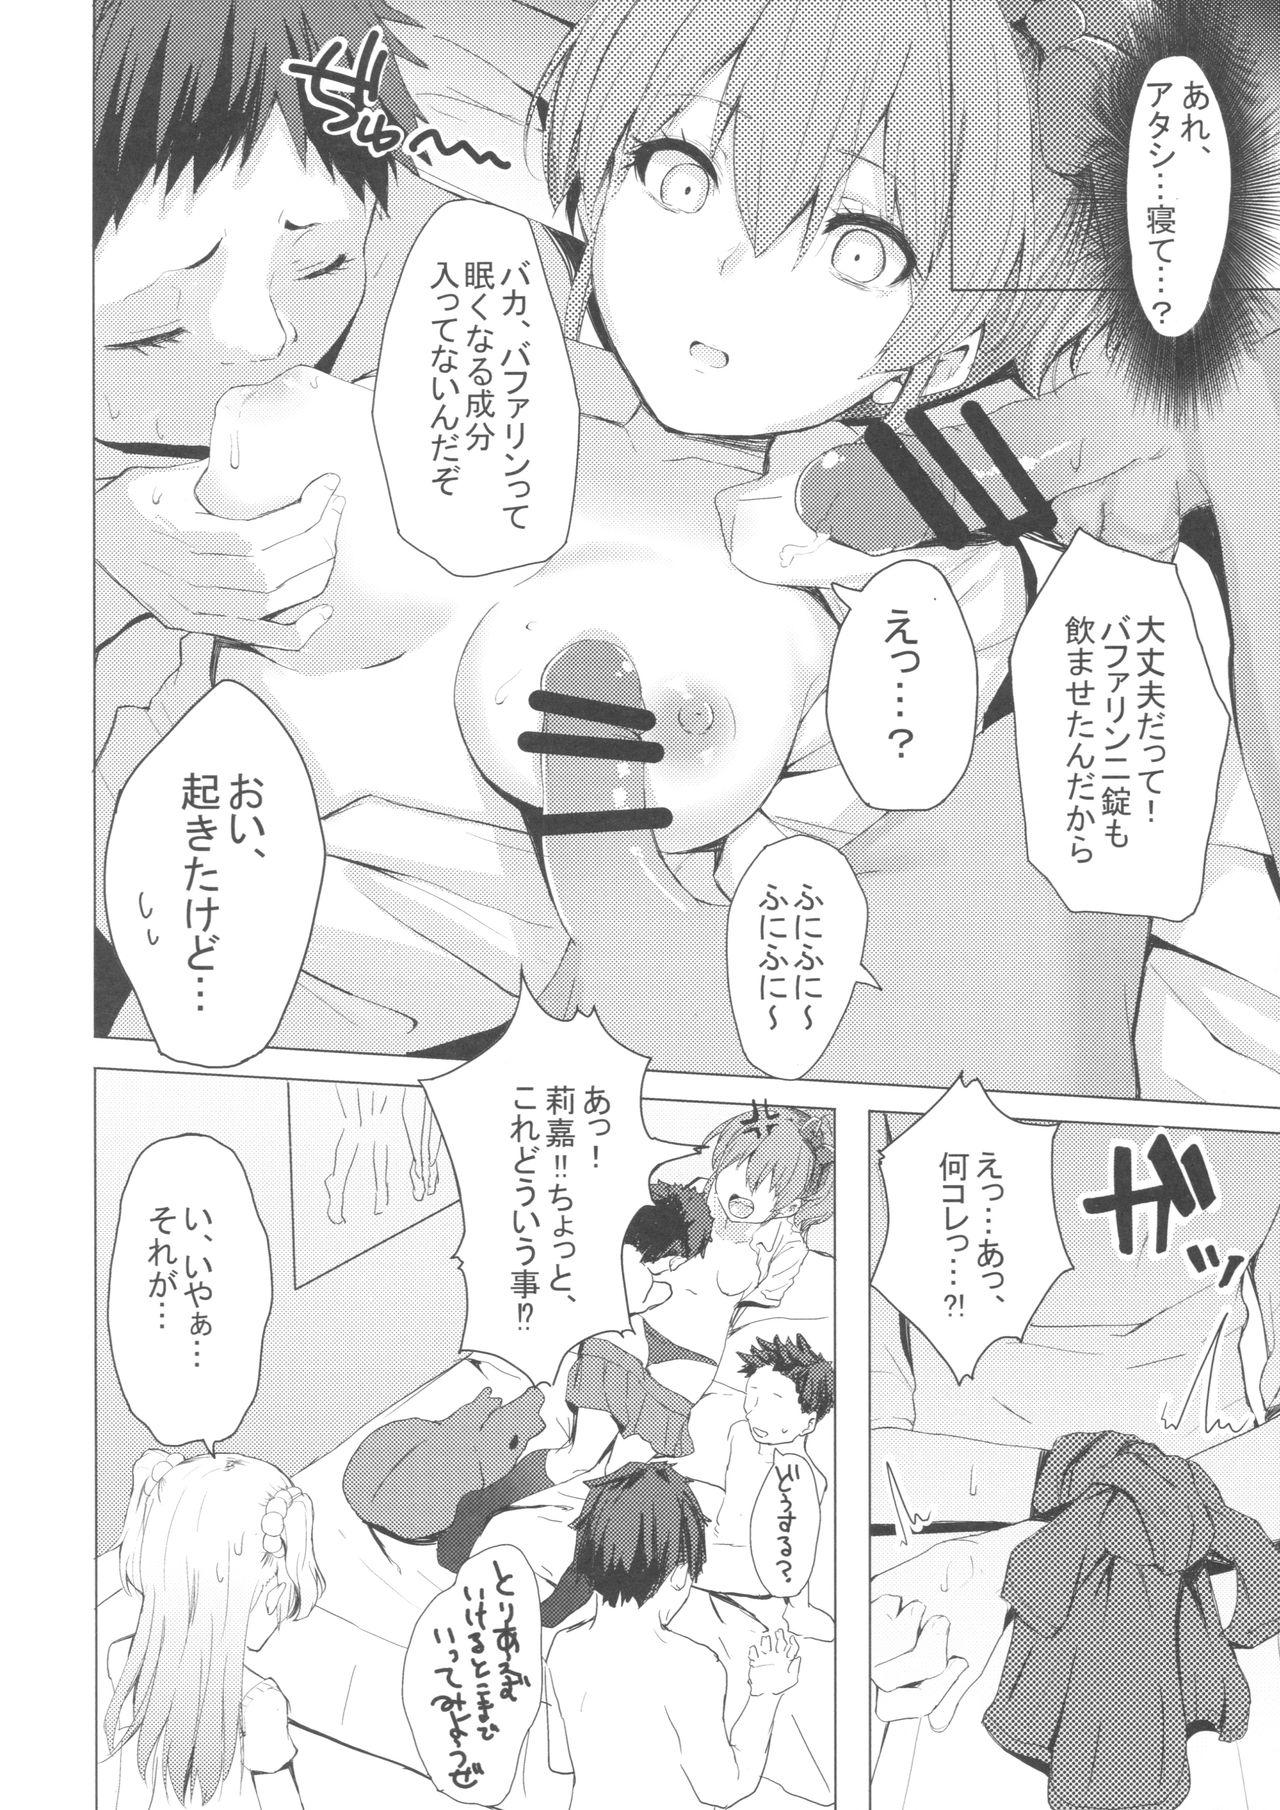 Danshi to Asobo 12